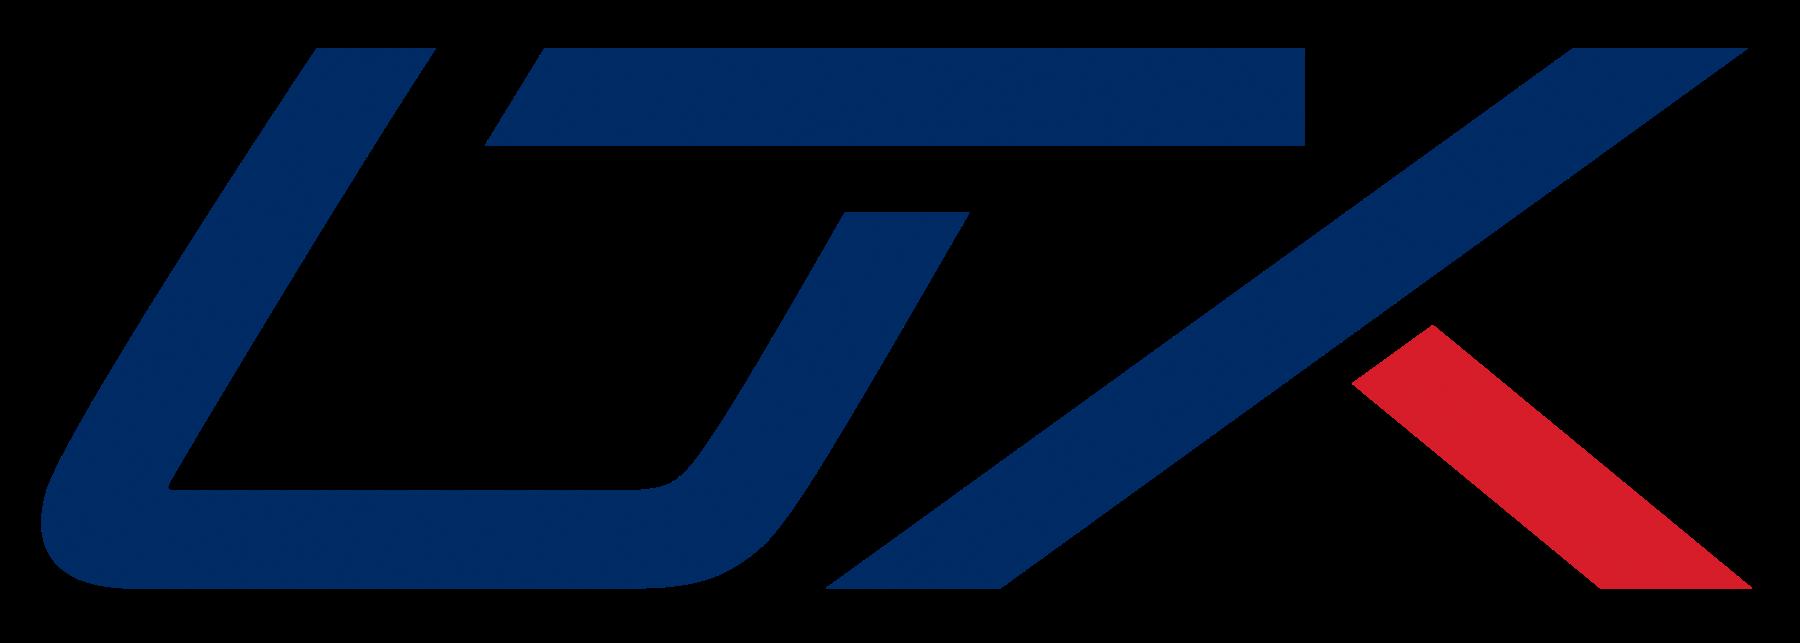 150 mln przewiezionych pasażerów – UTK informuje o nowym rekordzie